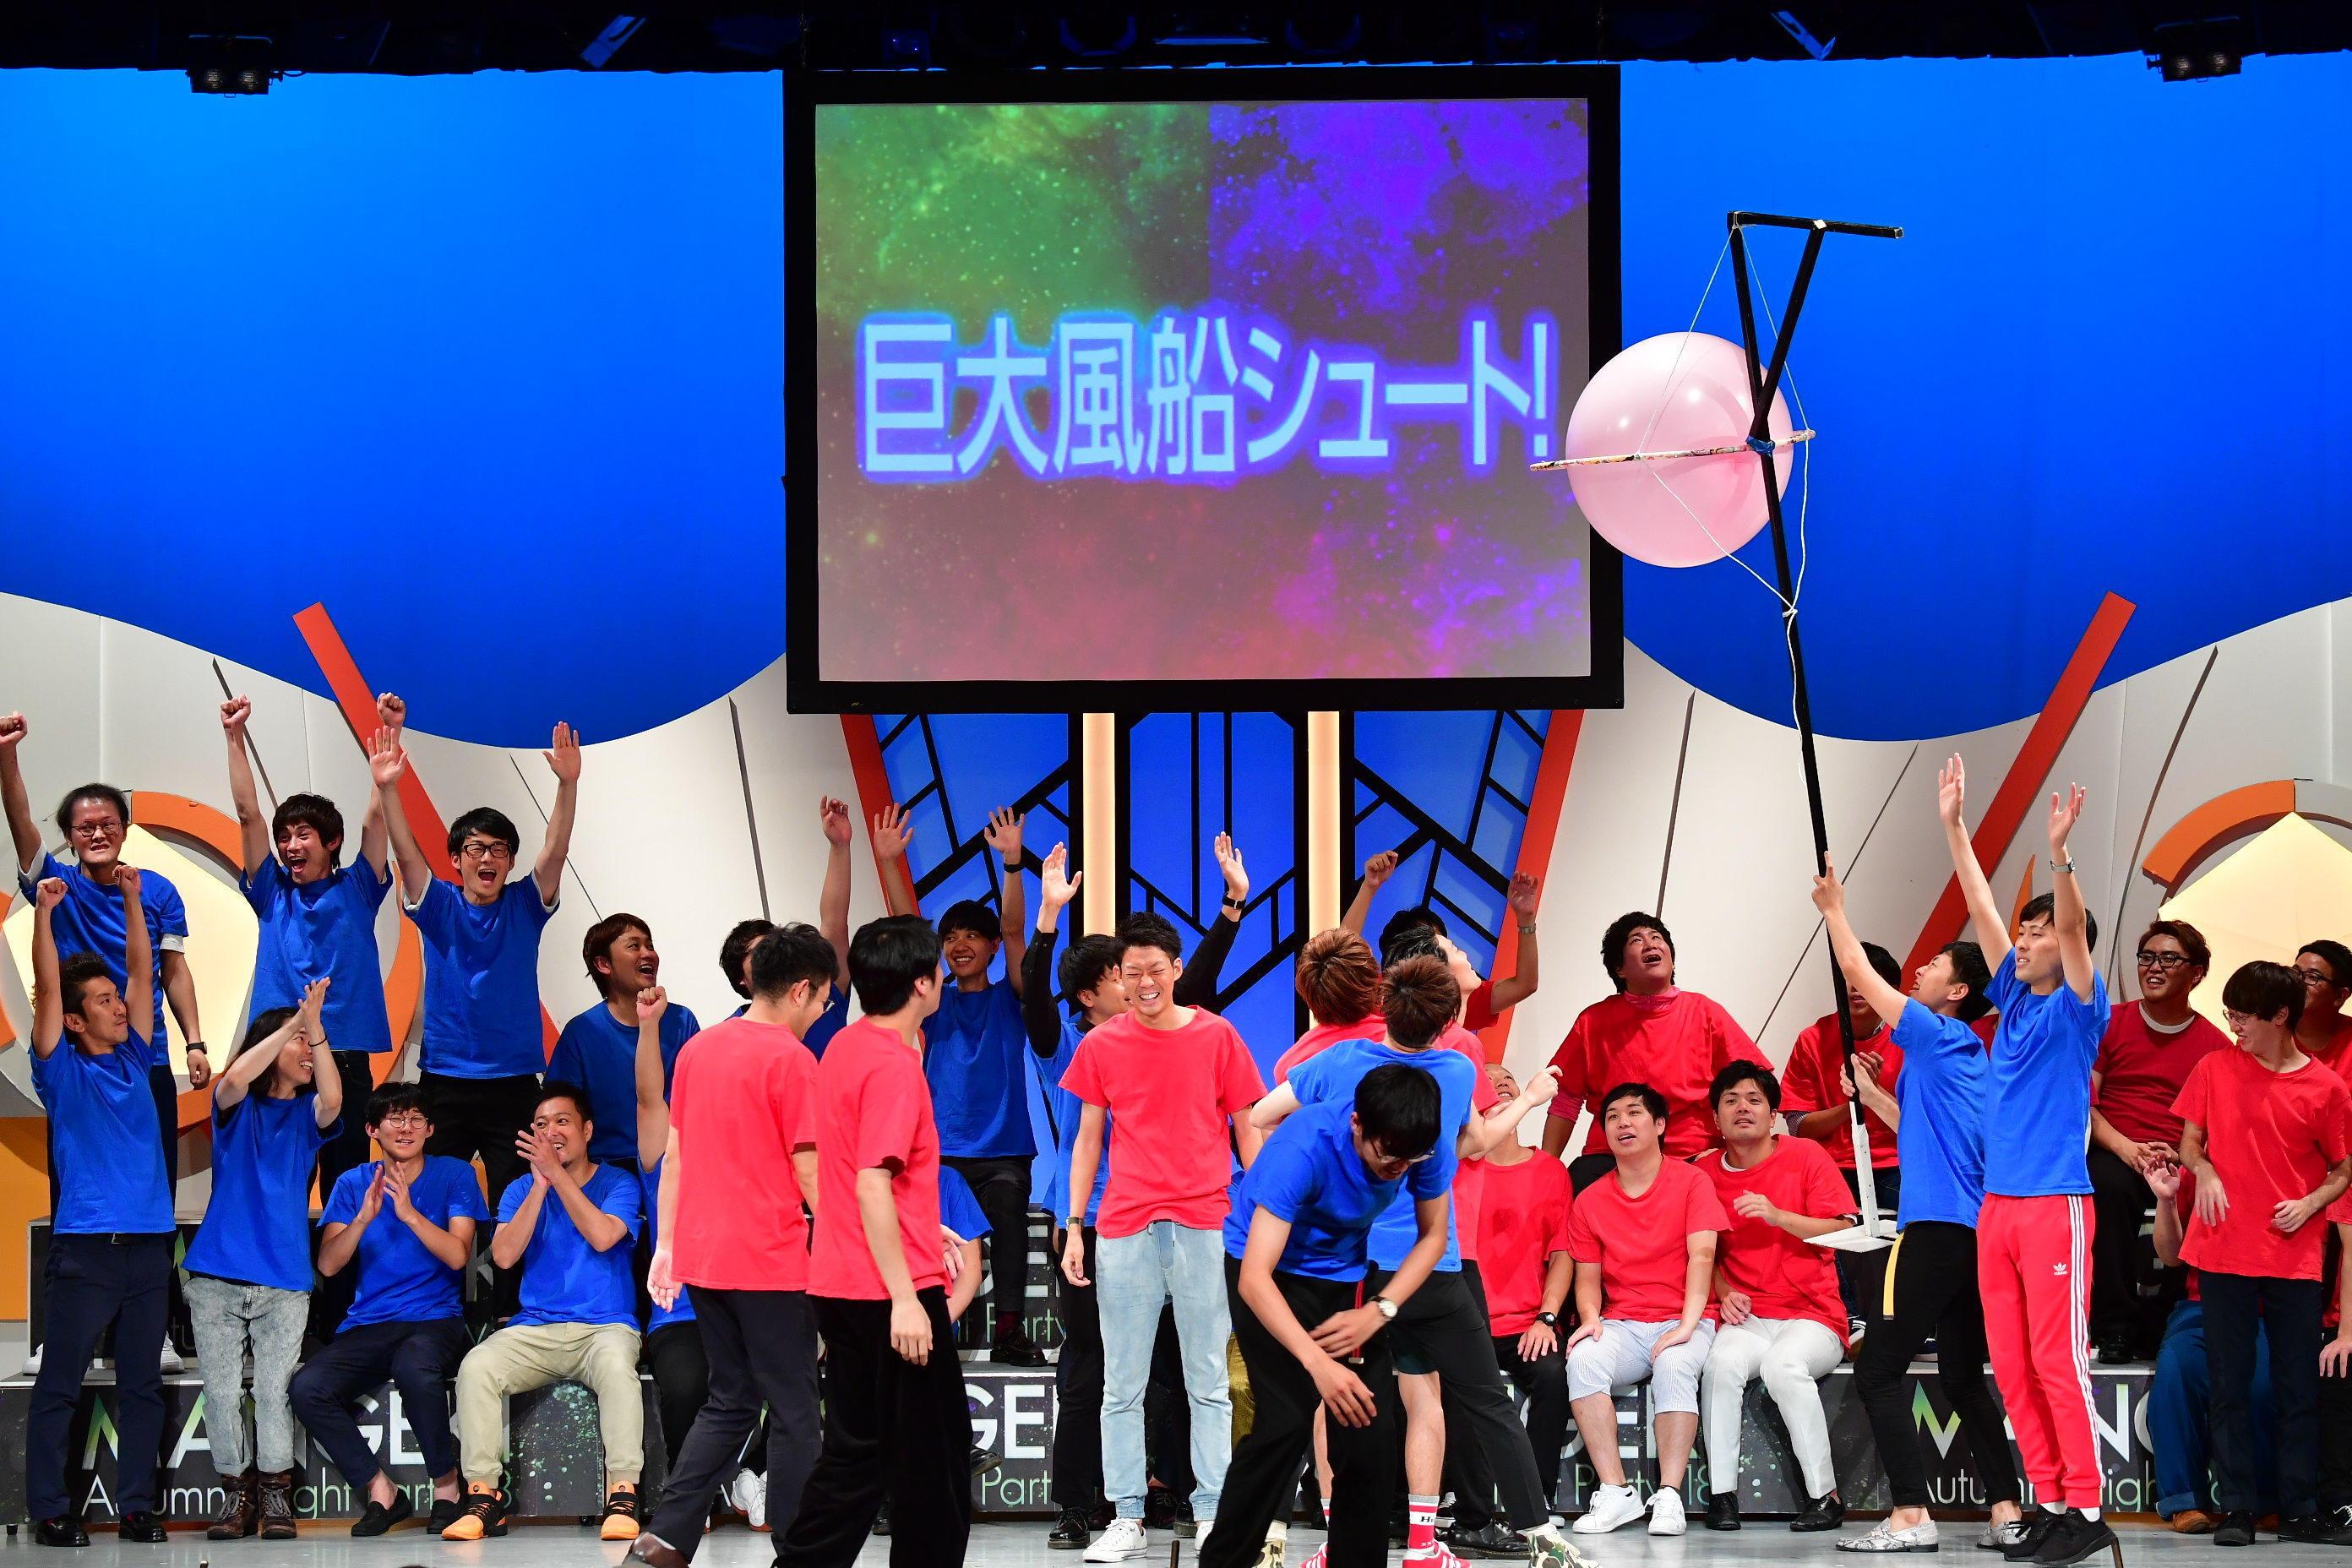 http://news.yoshimoto.co.jp/20180925144031-99d16a0a68c10fdc71d2a846dddc885e63f9c3eb.jpg